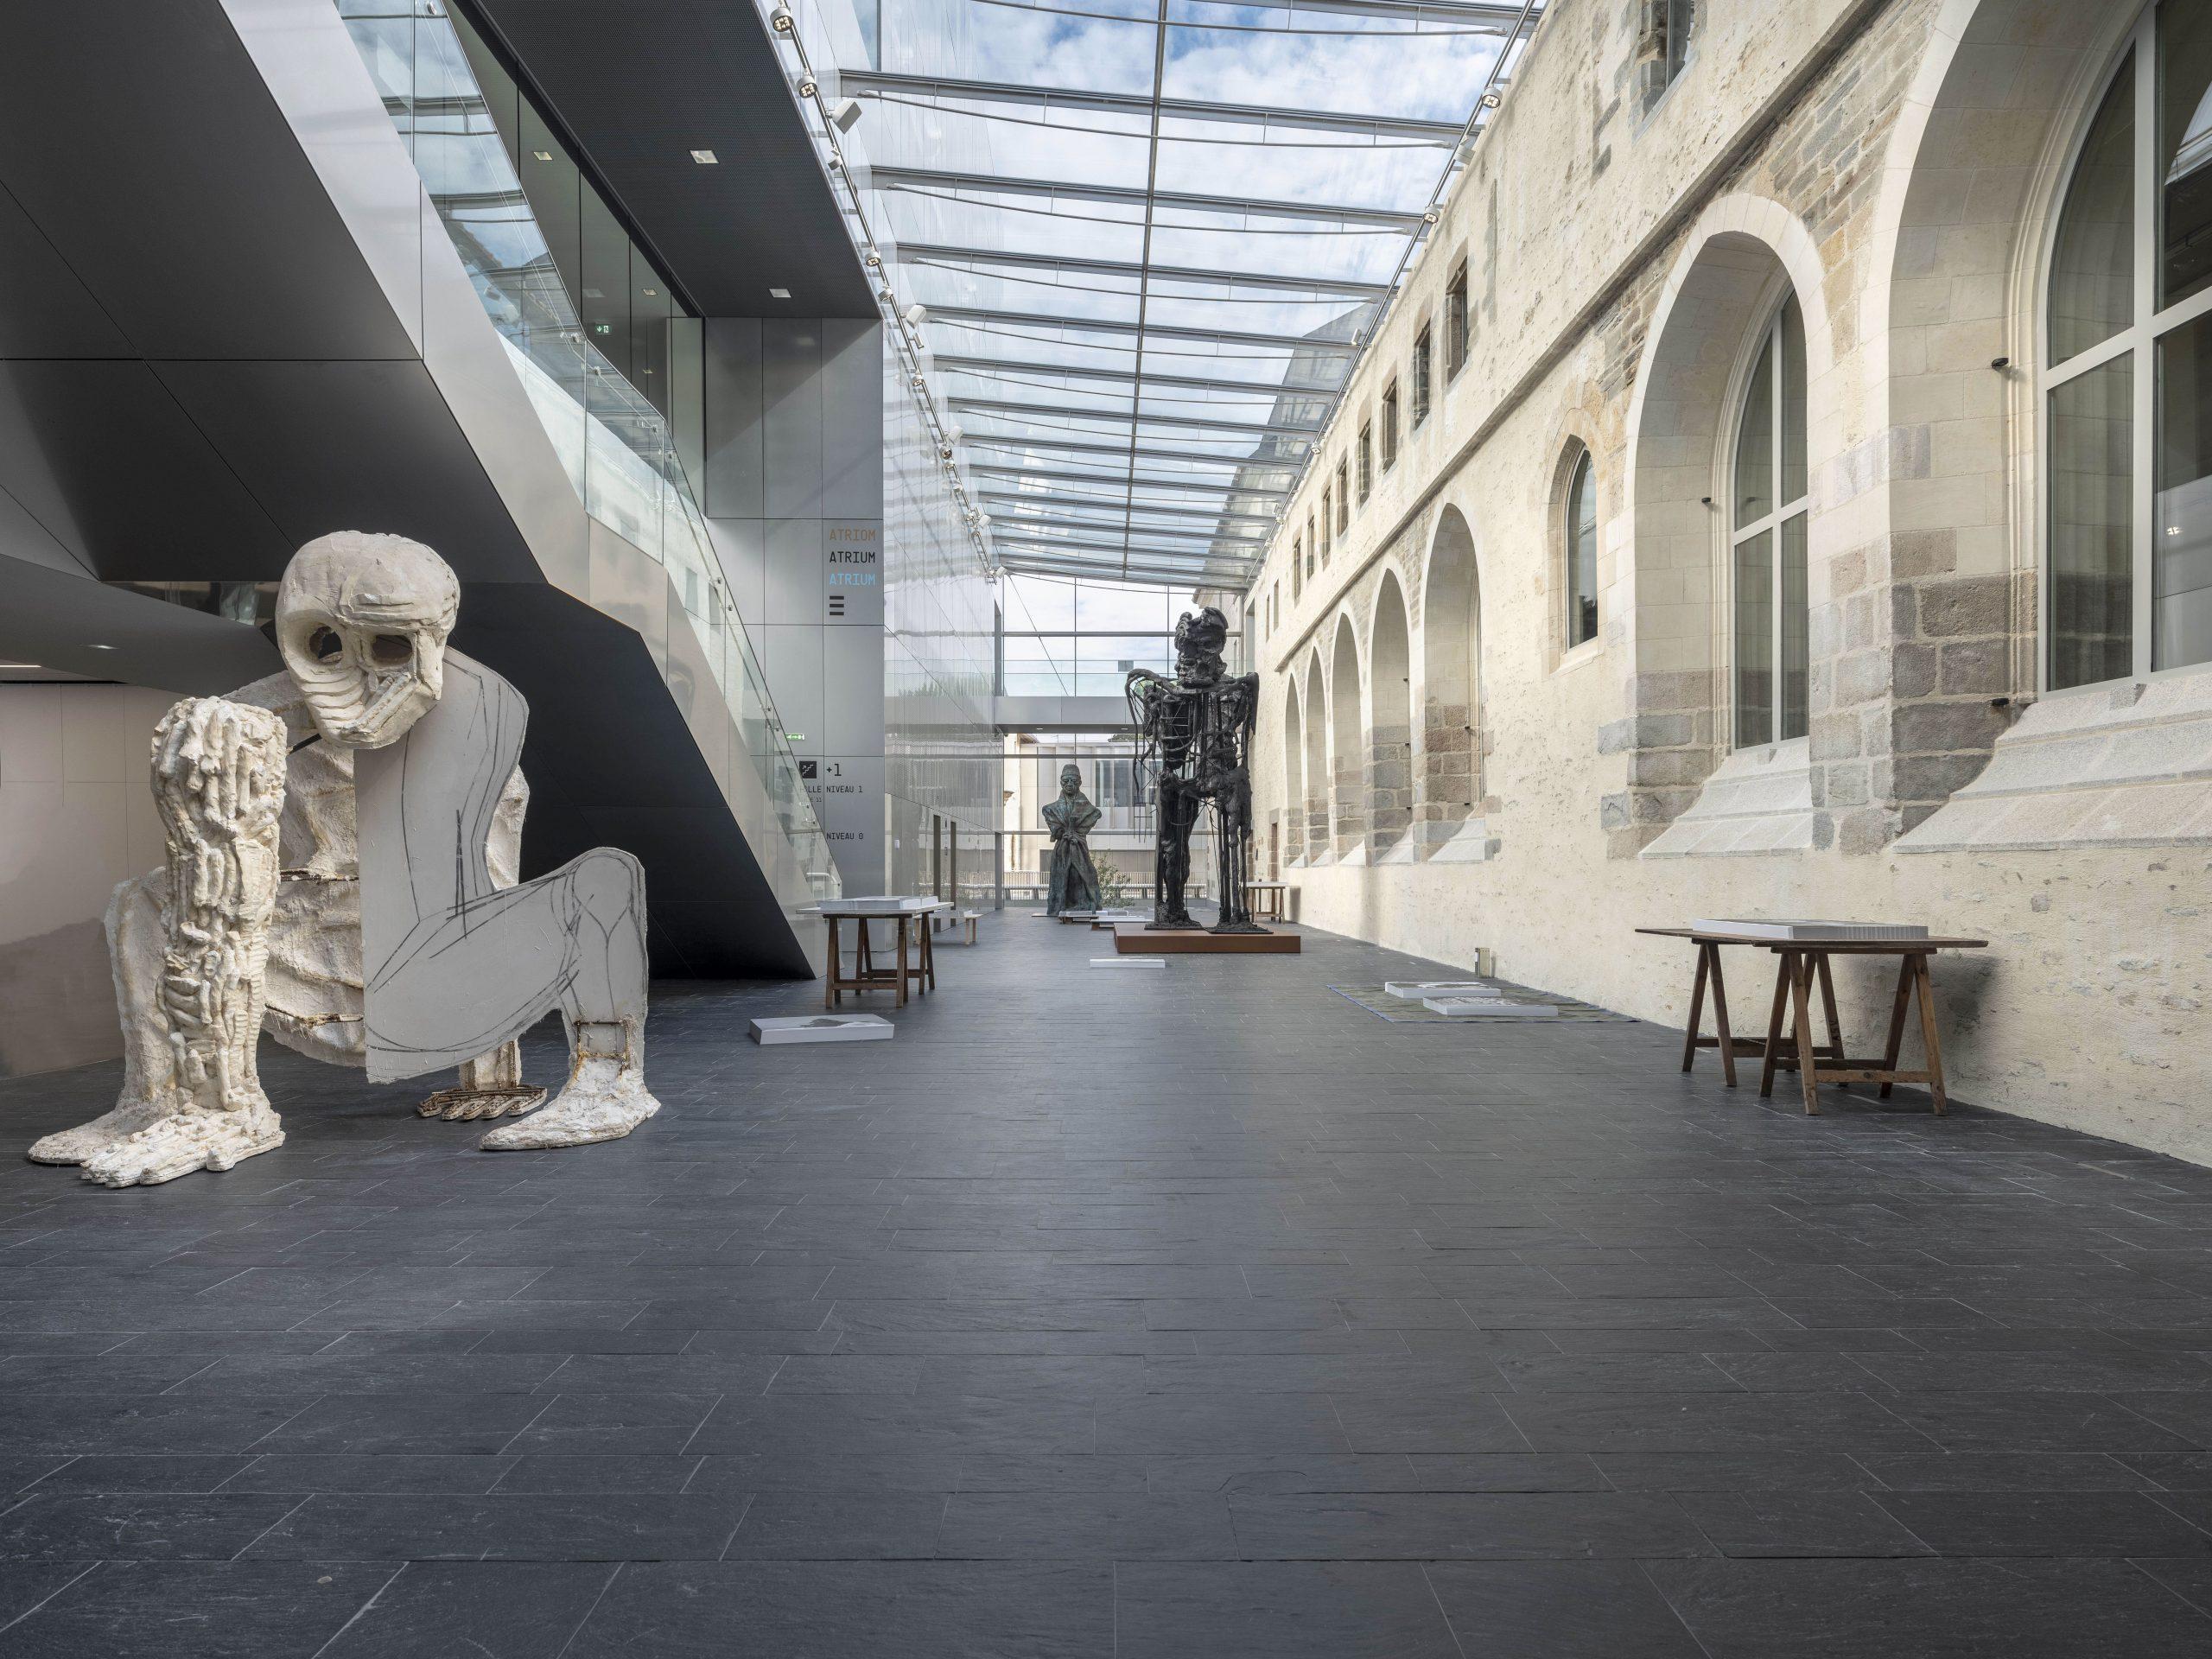 rennes-couvent-des-jacobins-exposition-debout-2018-j-f-mollire-scaled.jpg